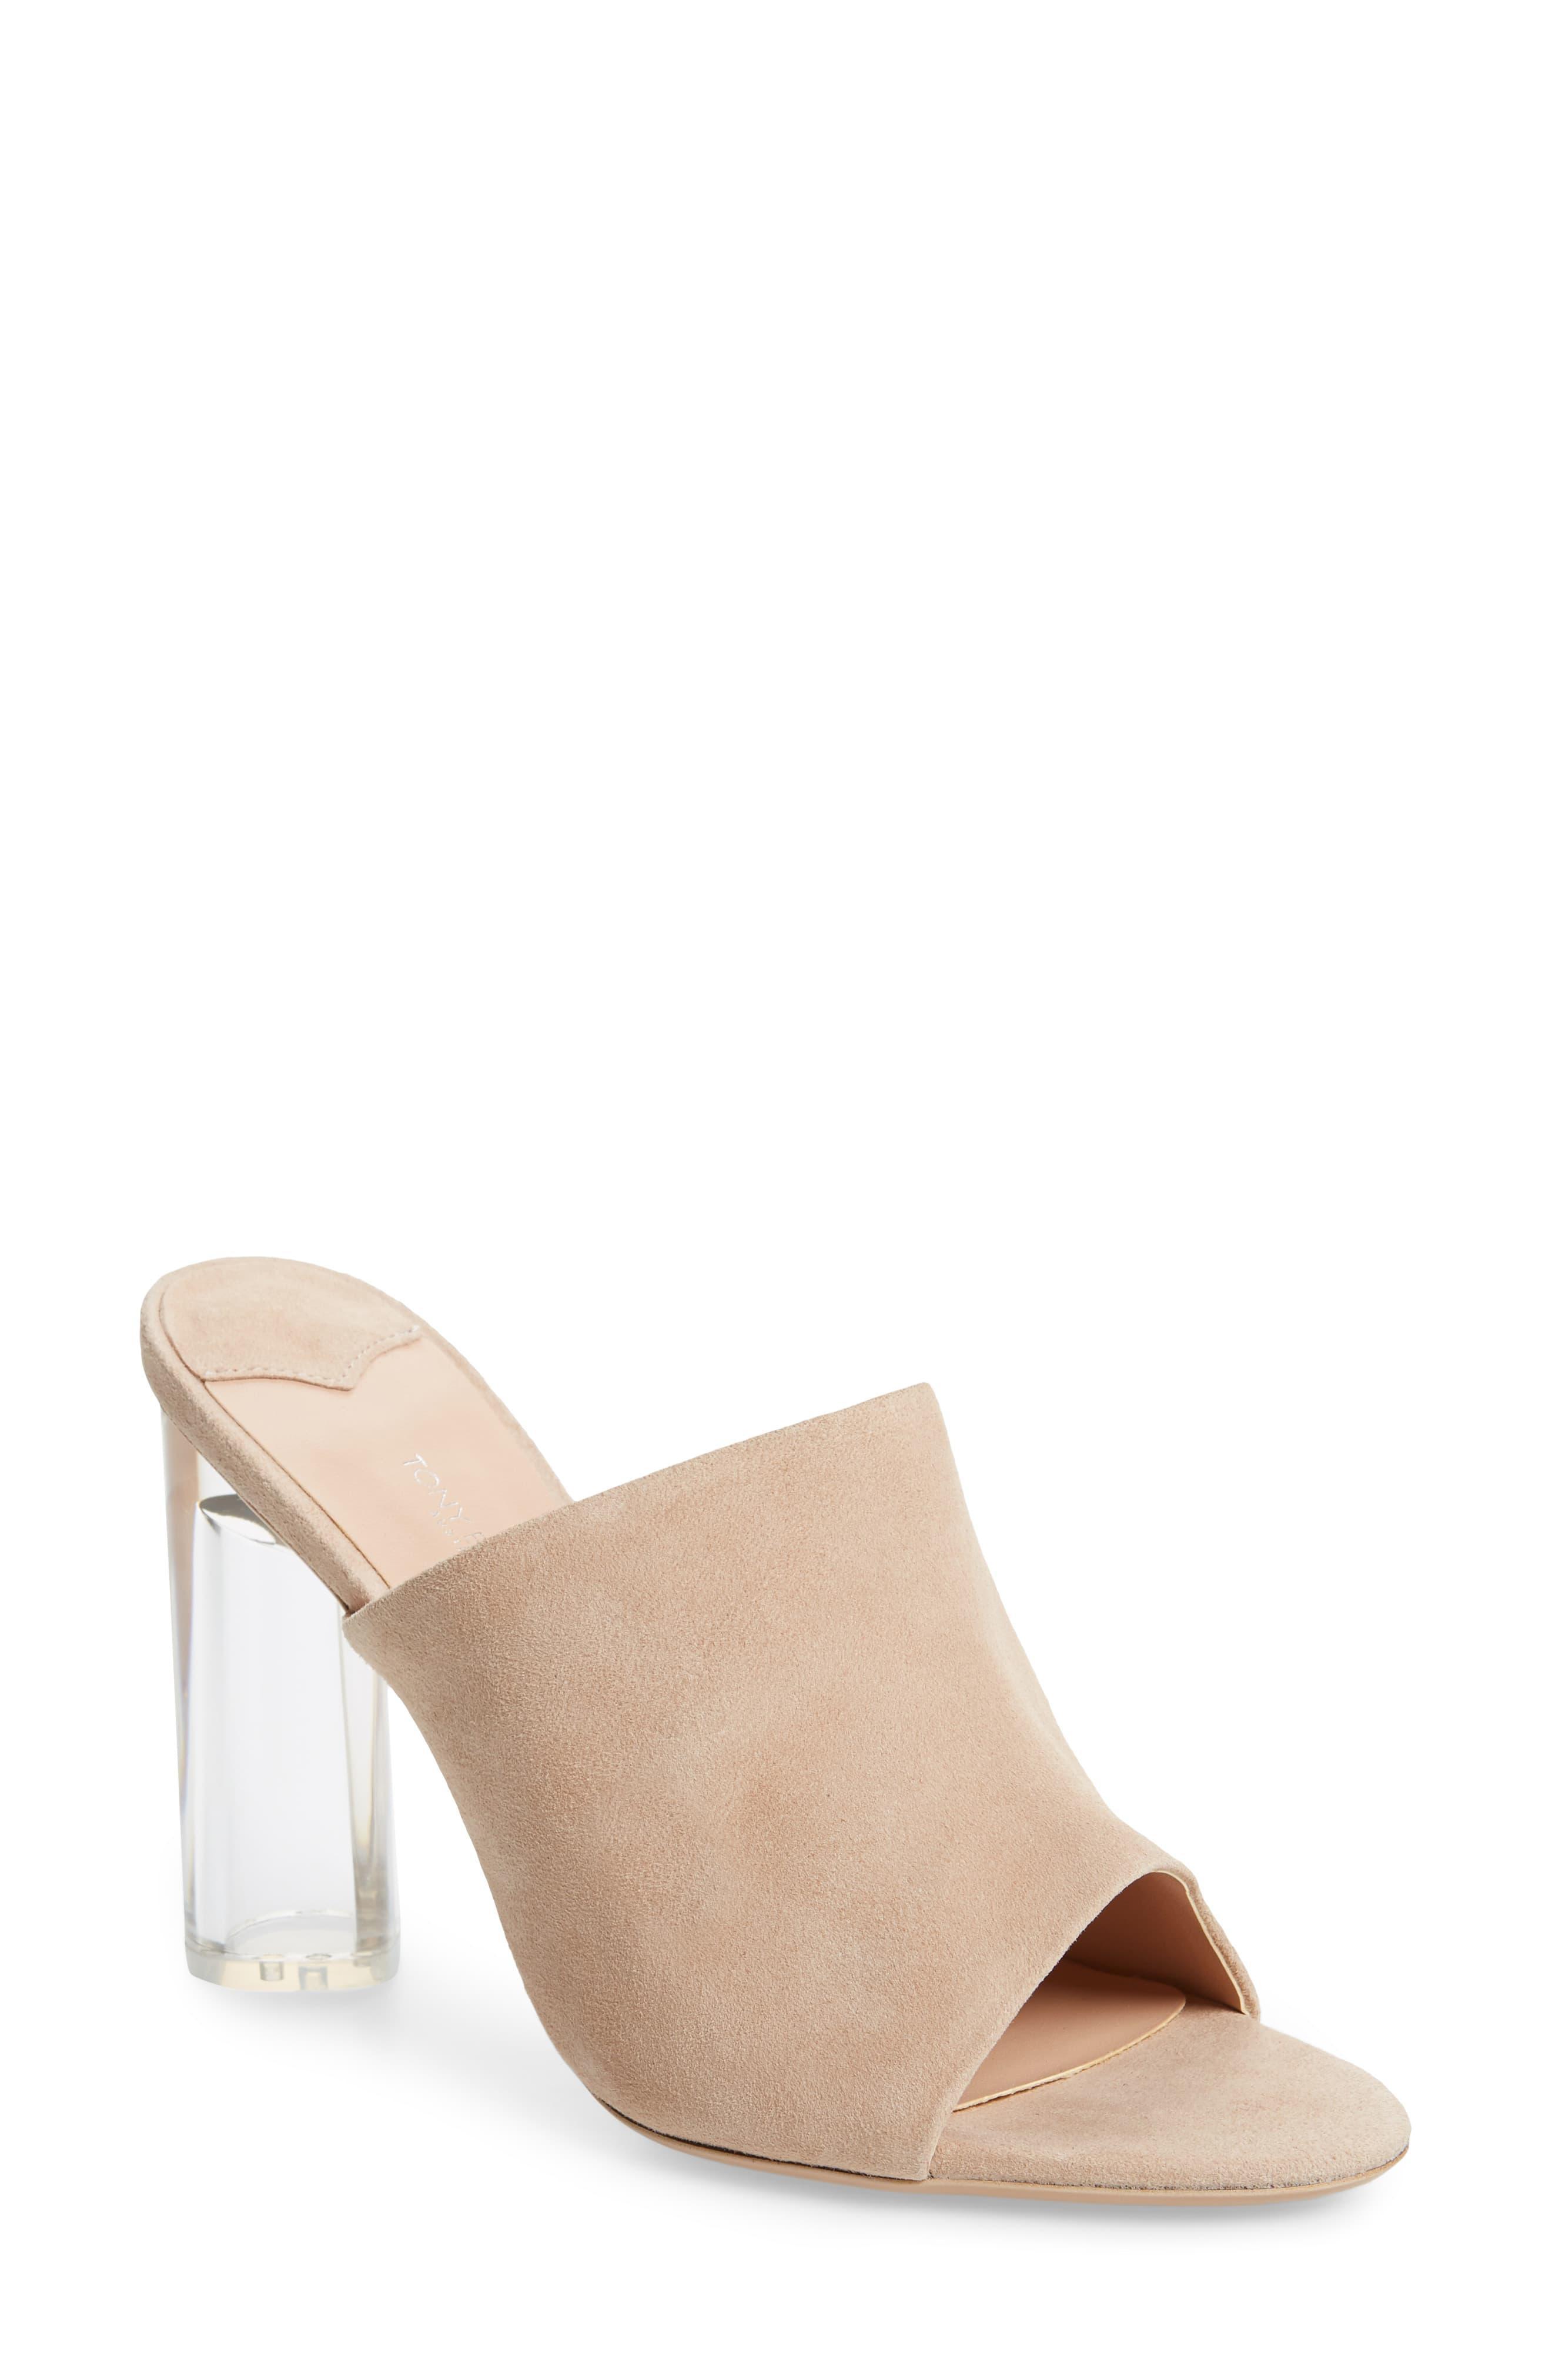 84a5bfd74c Tony Bianco. Women's Takoda Clear Heel Slide Sandal